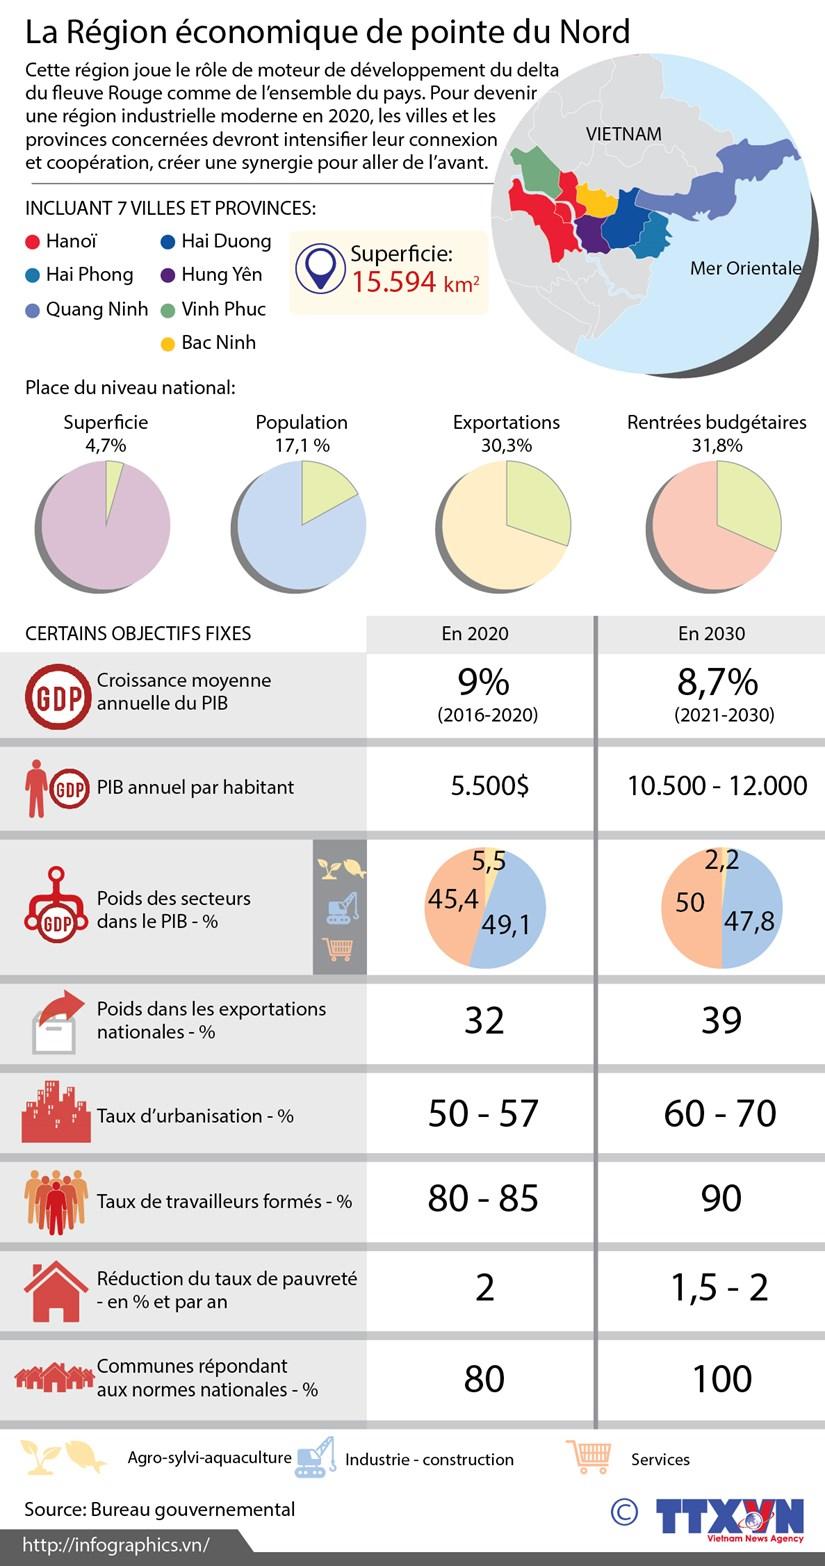 [Infographie] La Region economique de pointe du Nord hinh anh 1